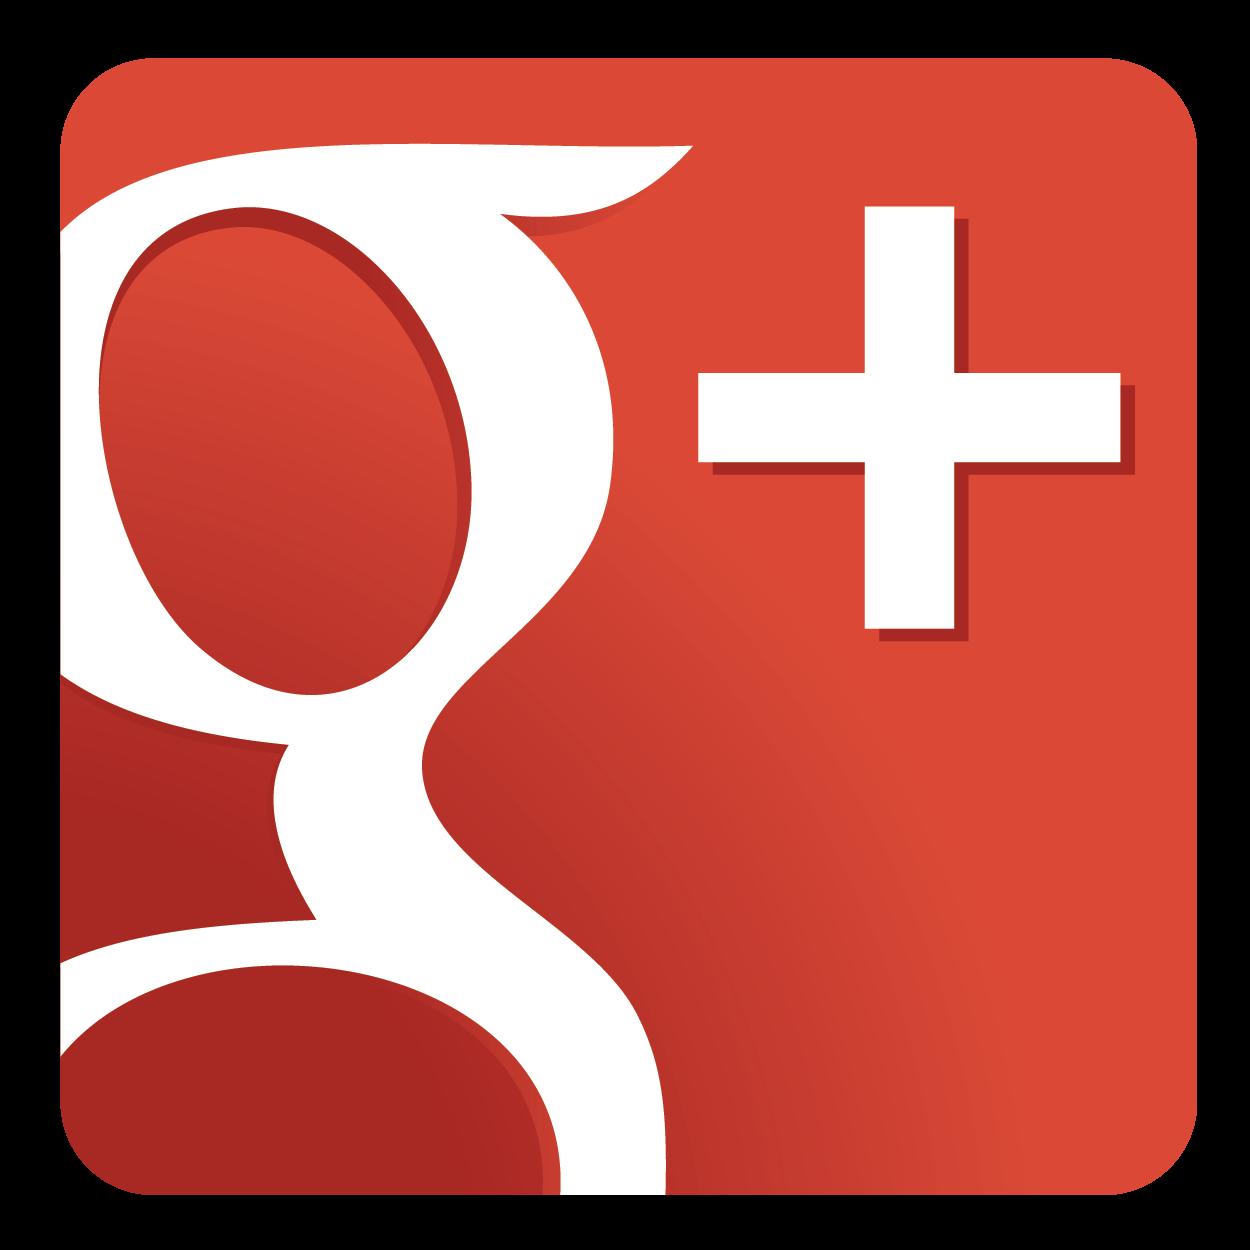 Google+で2016年1月例会『真夜中の太陽』 - 香川市民劇場を共有